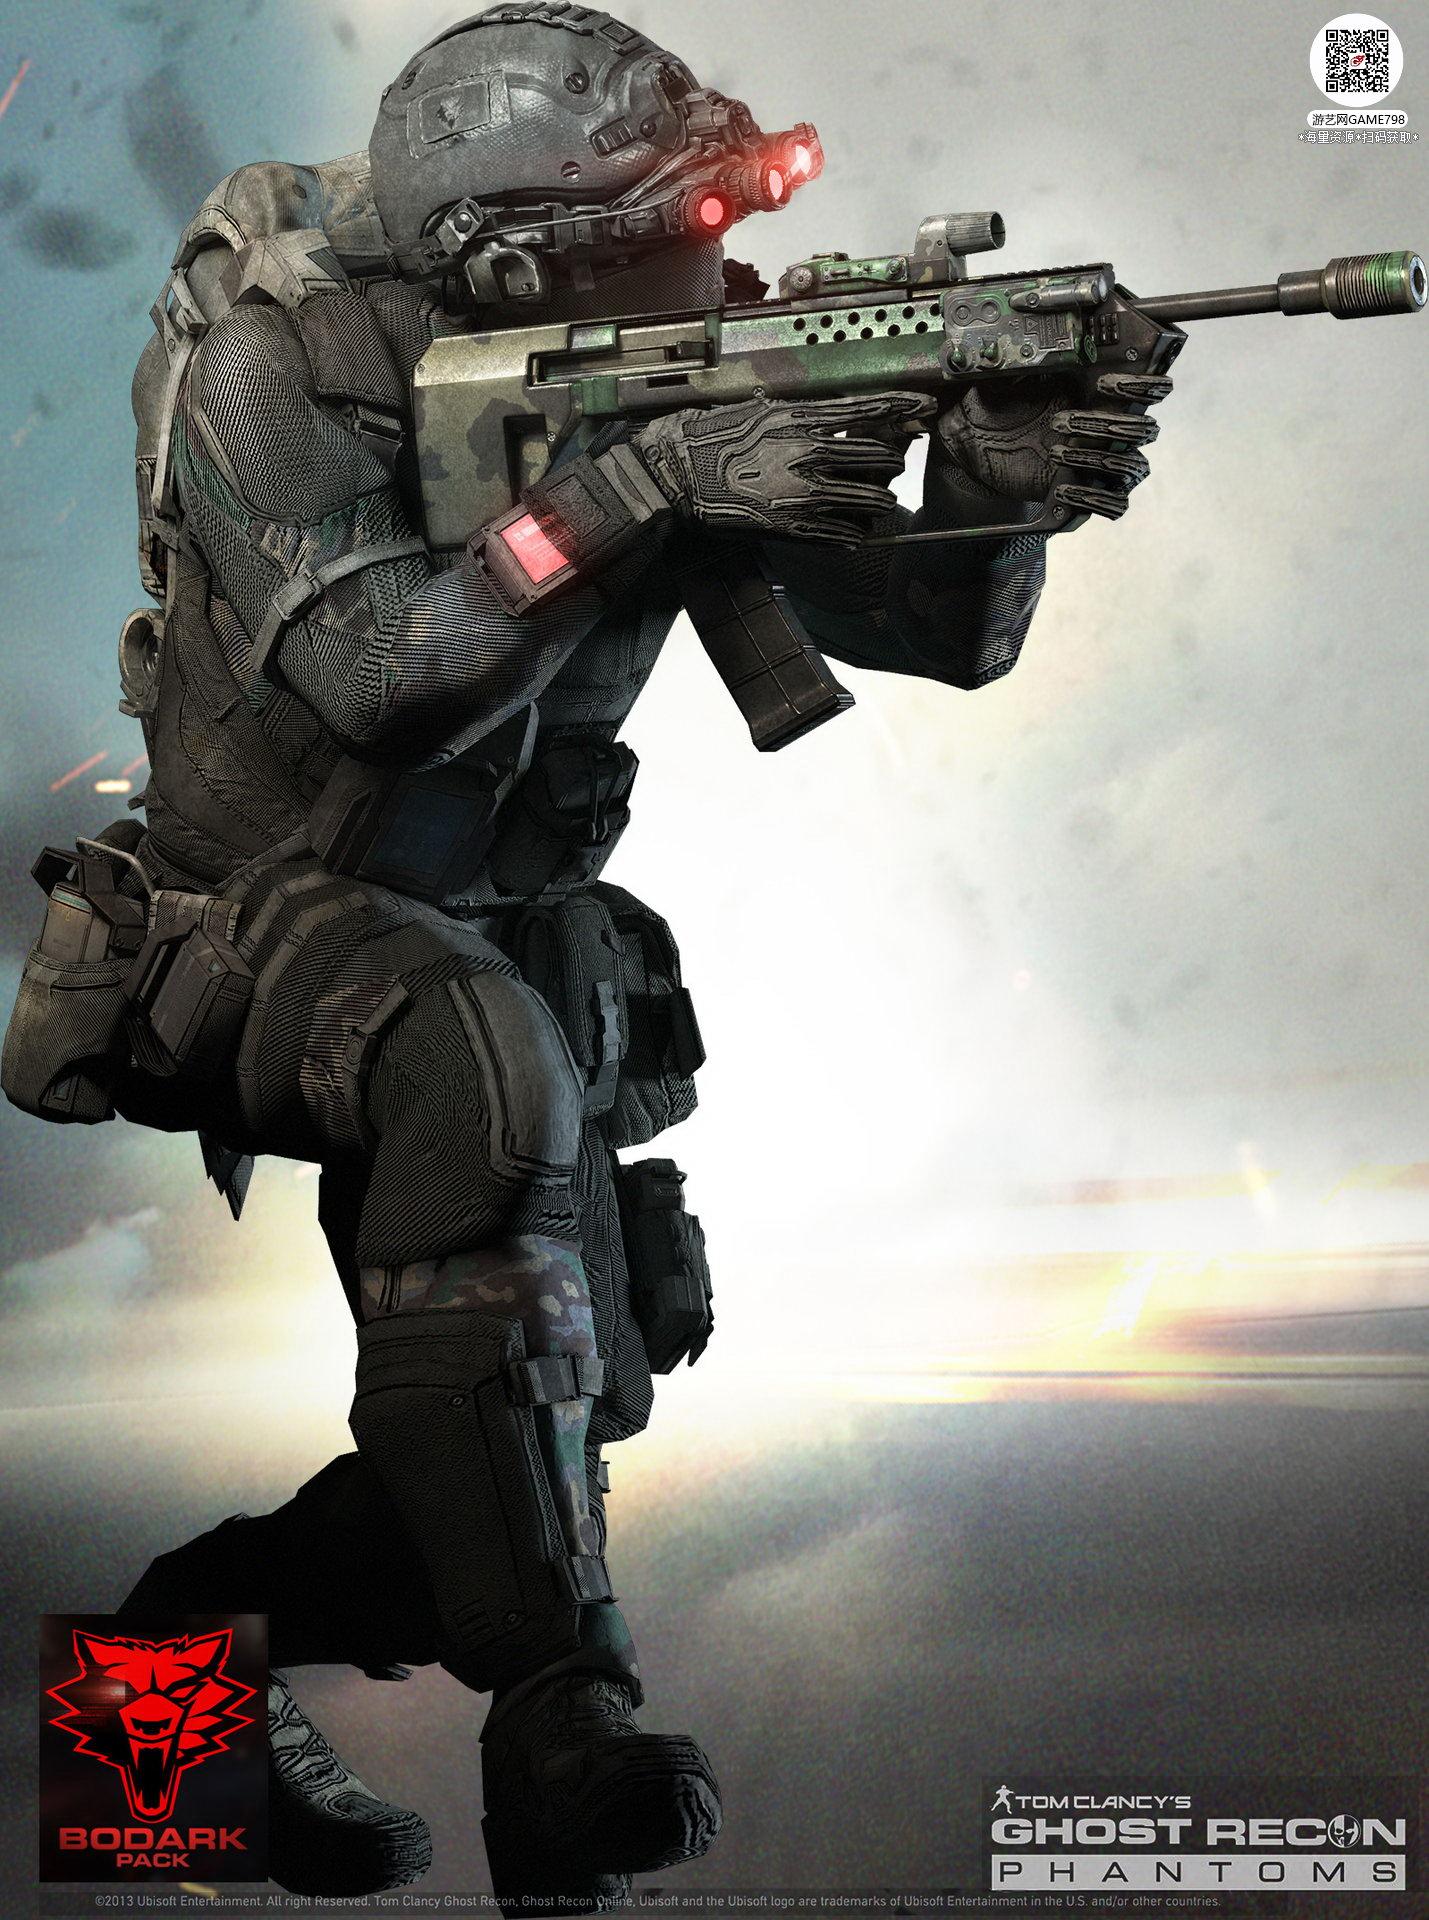 008_关注游艺网公众号获海量资源_幽灵行动未来战士次世代游戏3D模型参考原画概念设定.jpg